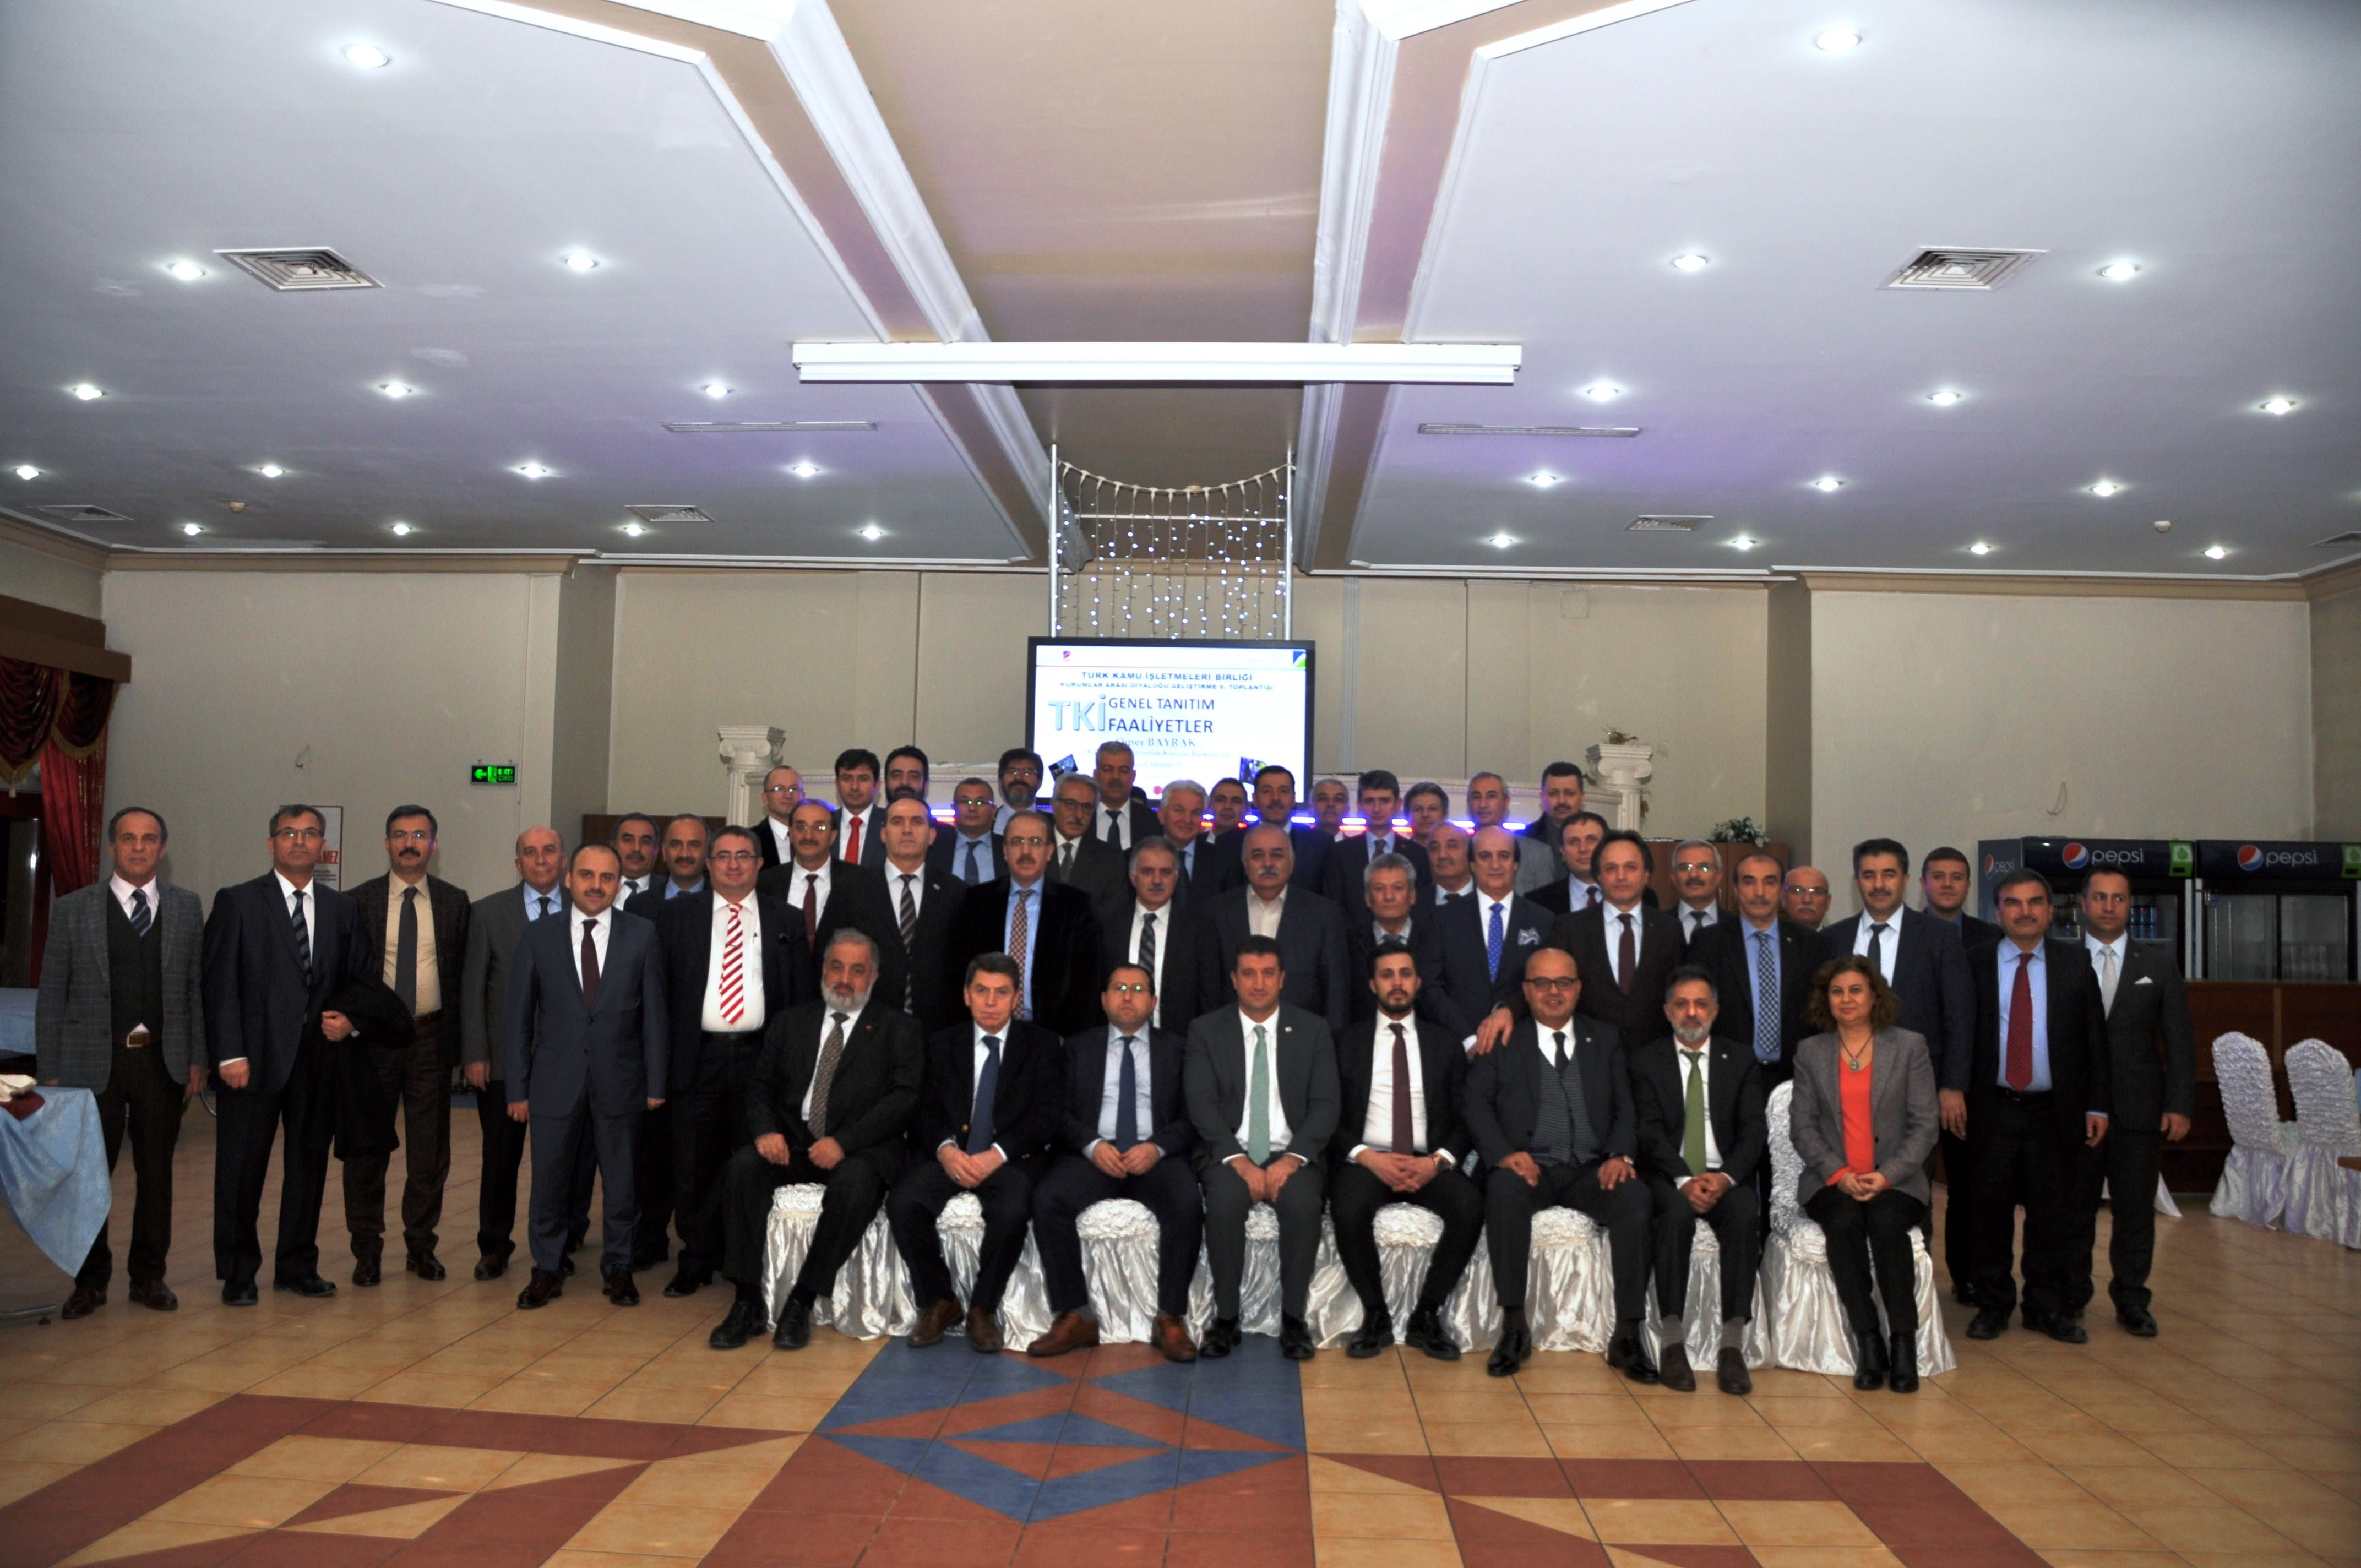 Kurumlararası Diyaloğu Geliştirme Toplantısı – TKİ Genel Müdürlüğü